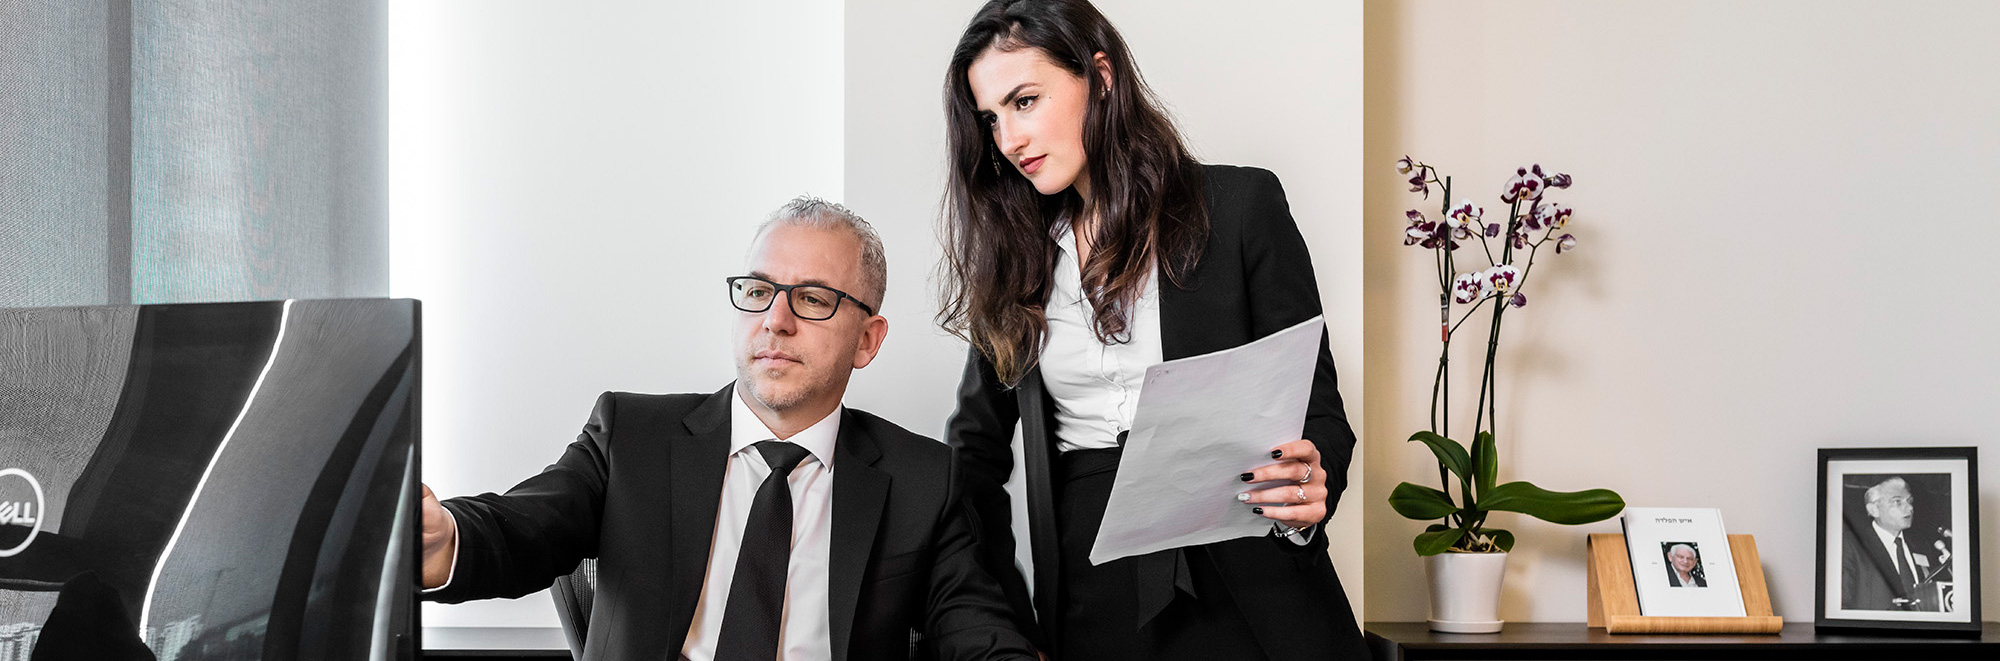 יובל פלדה עורך דין חברות